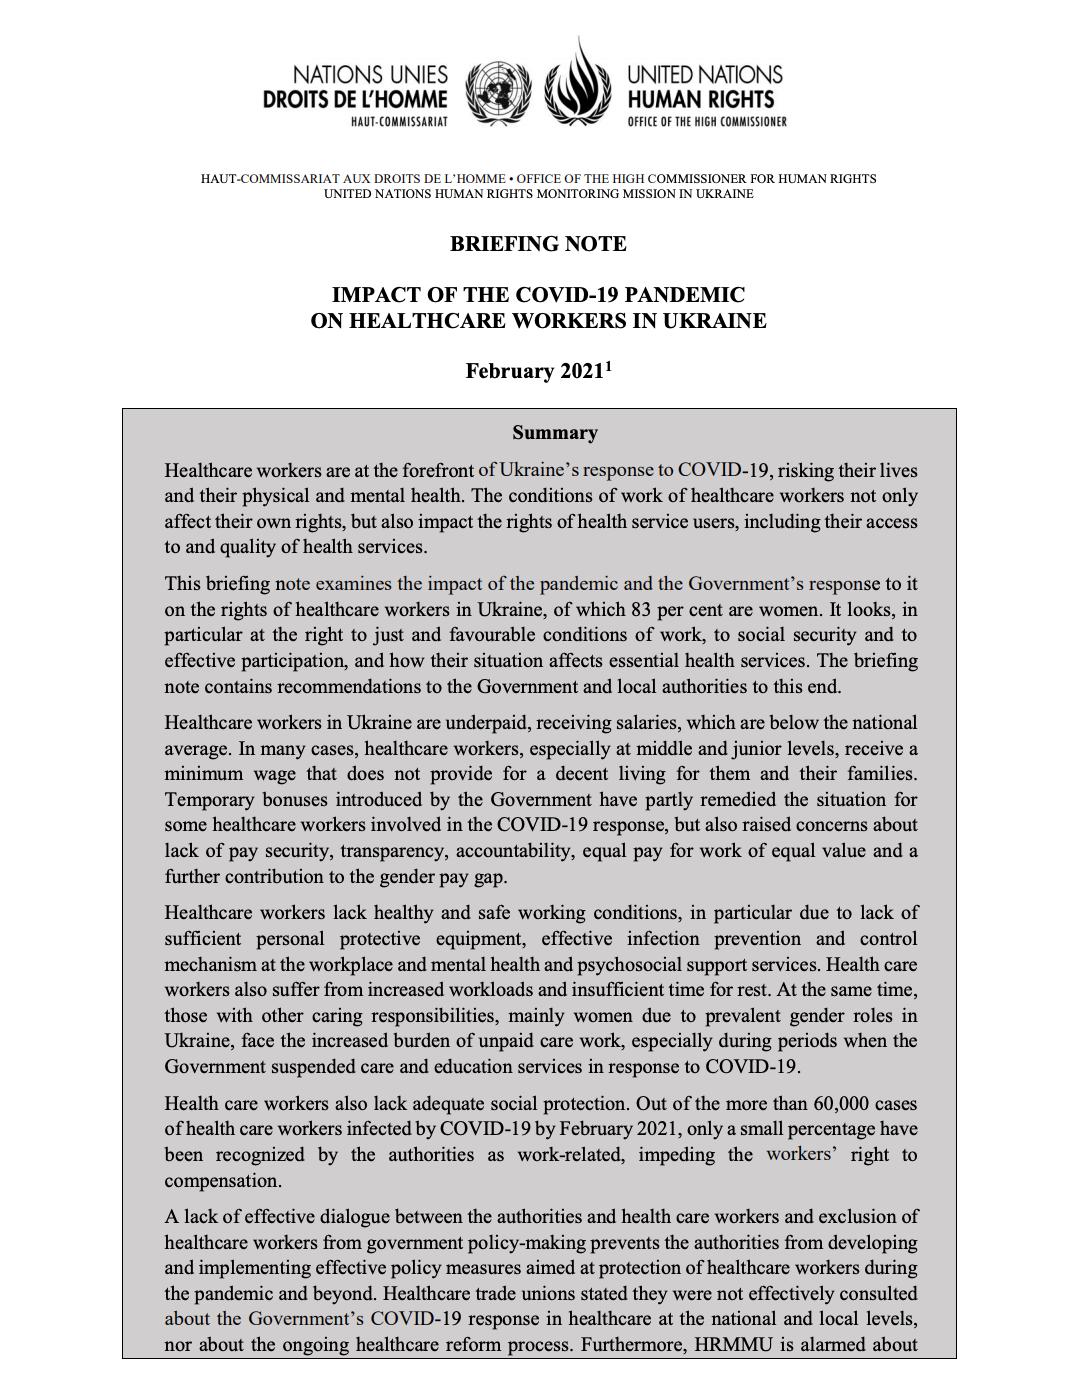 Інформаційна записка: Вплив пандемії COVID-19 на працівників і працівниць охорони здоров'я в Україні